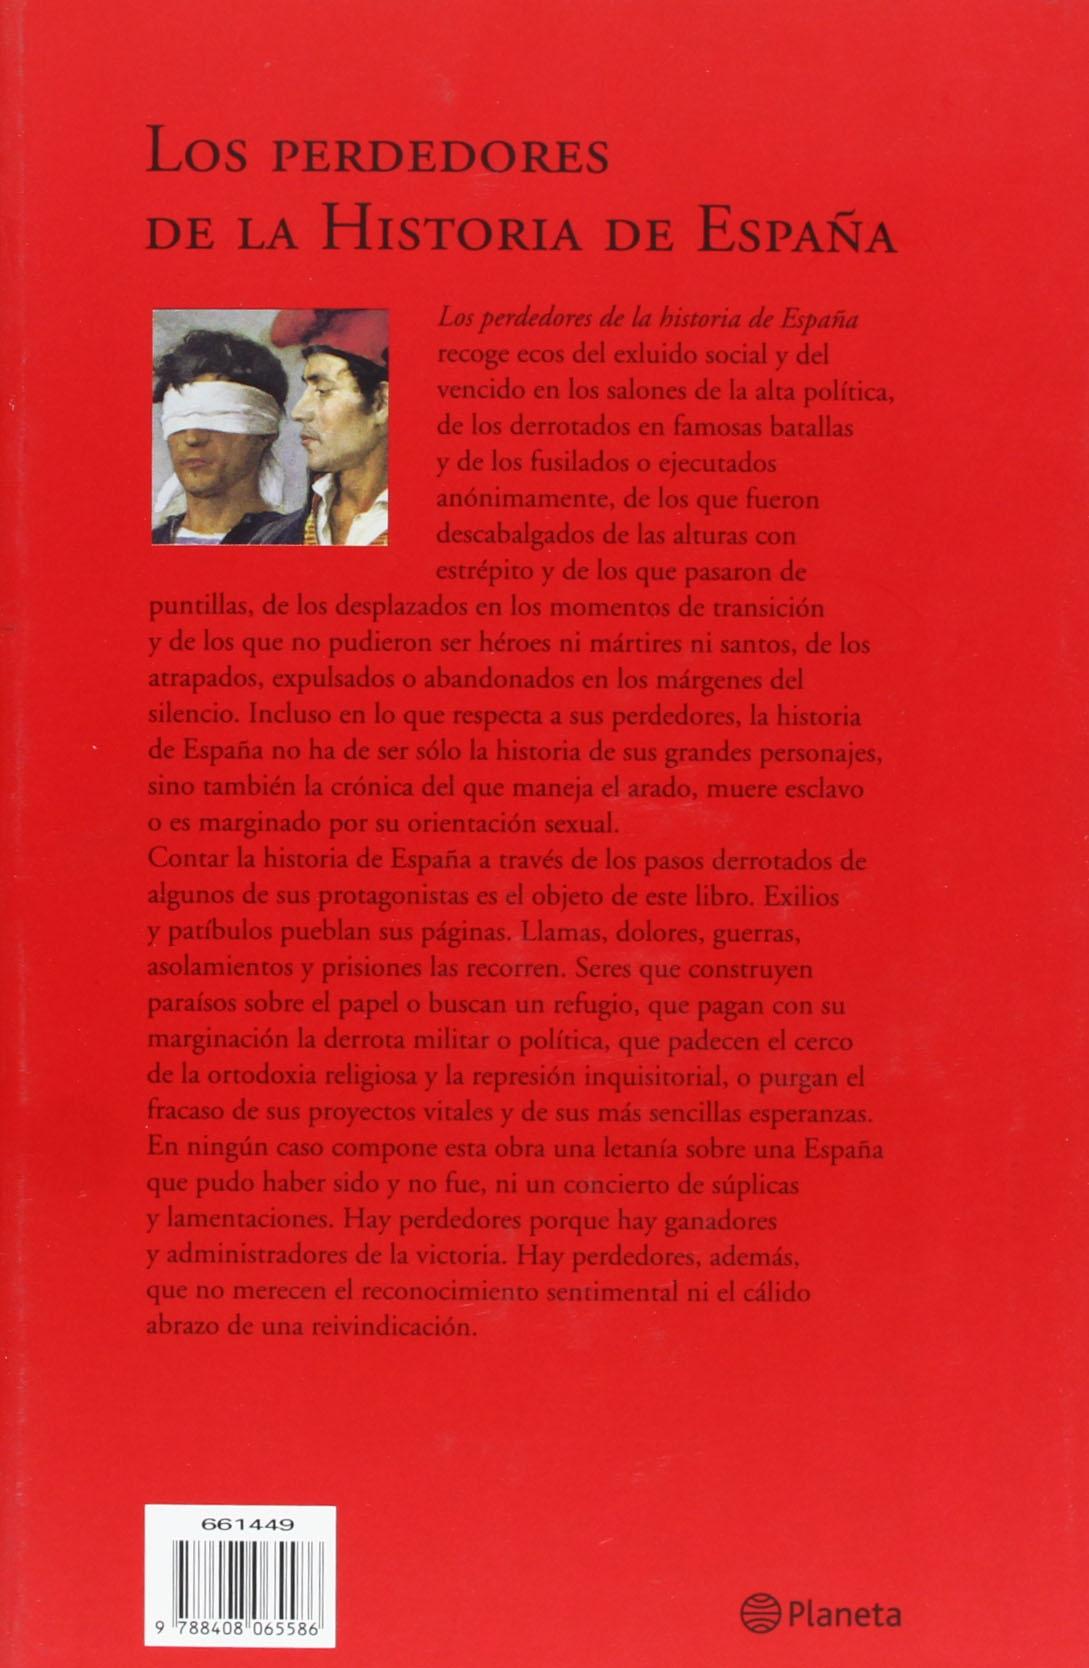 Los perdedores de la historia de España Historia y Sociedad: Amazon.es: García de Cortázar, Fernando: Libros